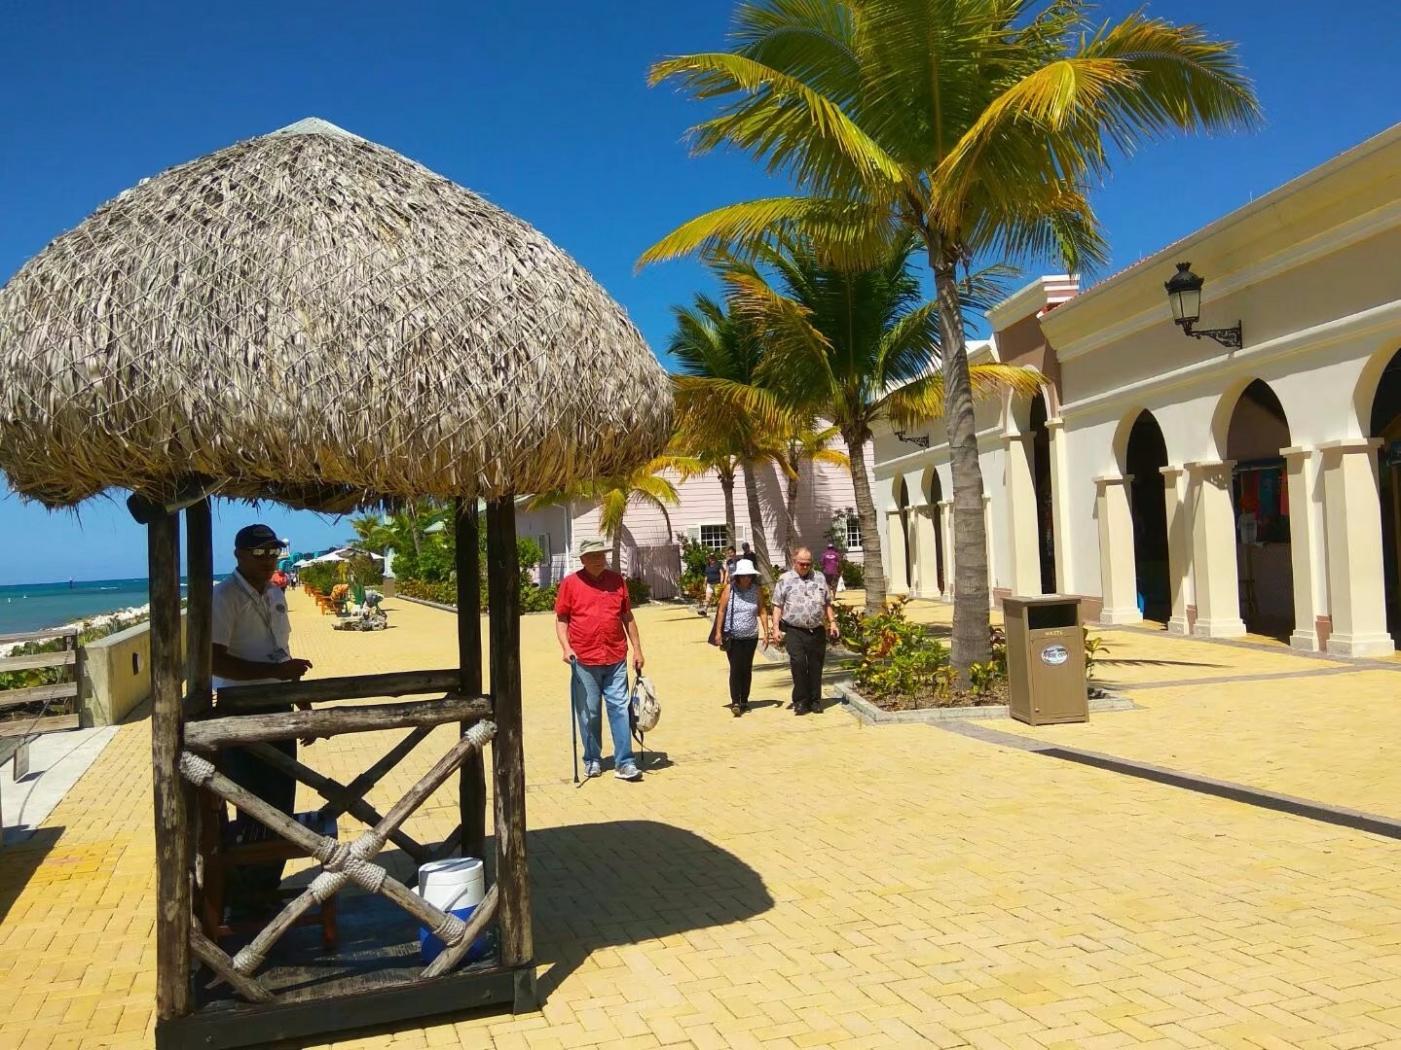 多米尼加有个琥珀湾(图)_图1-6